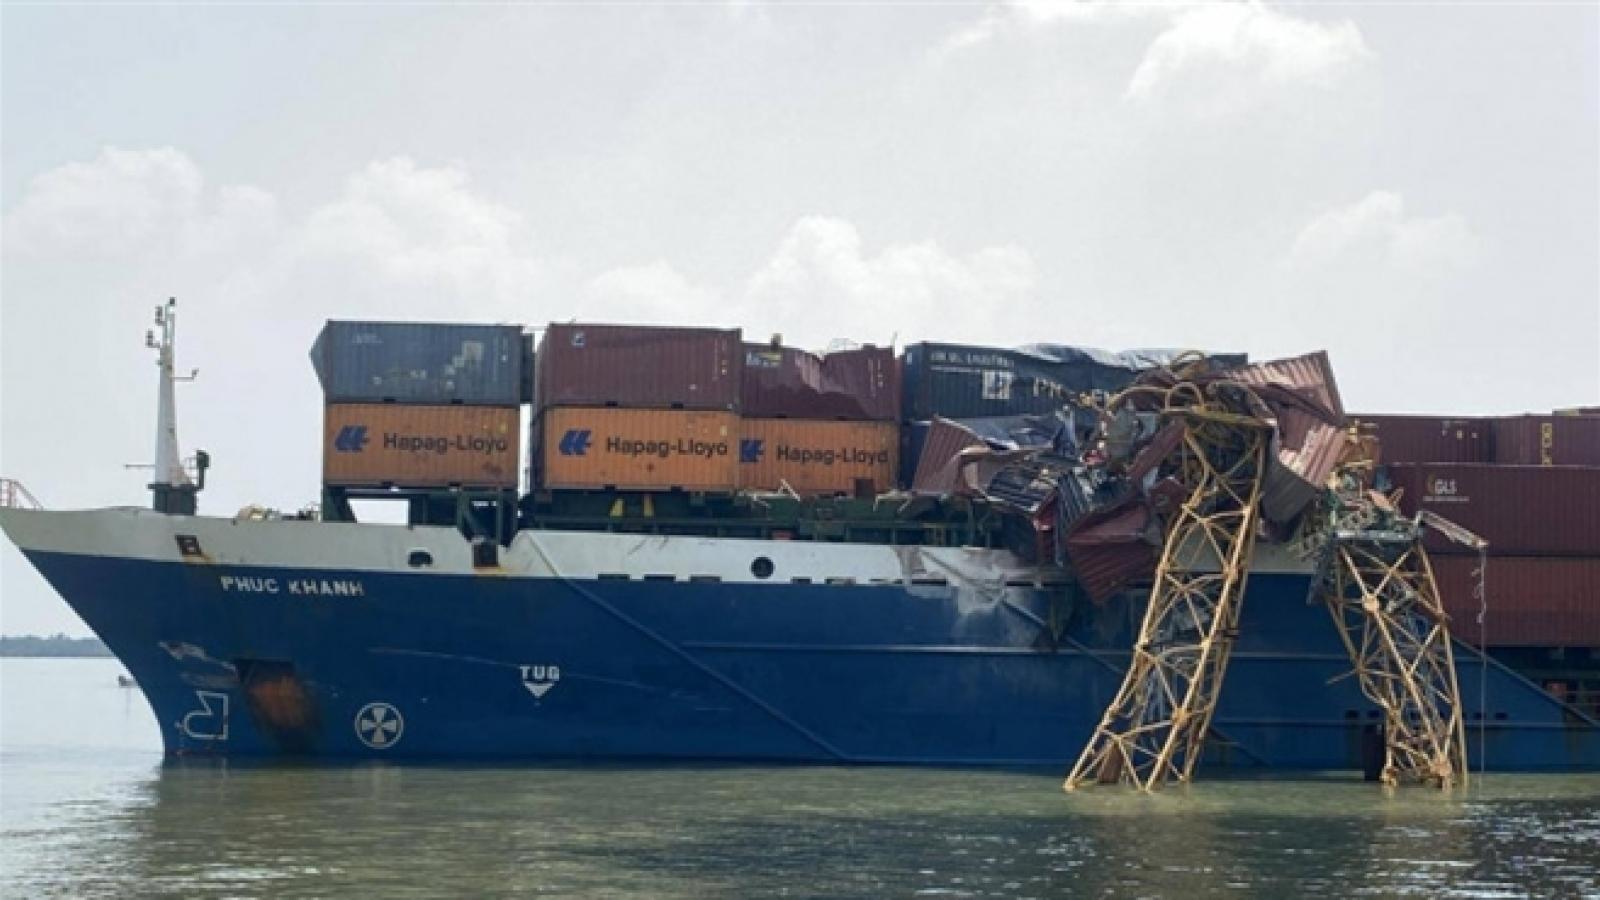 Tàu container đâm gãy cẩu thi công trụ tháp cầu Phước Khánh